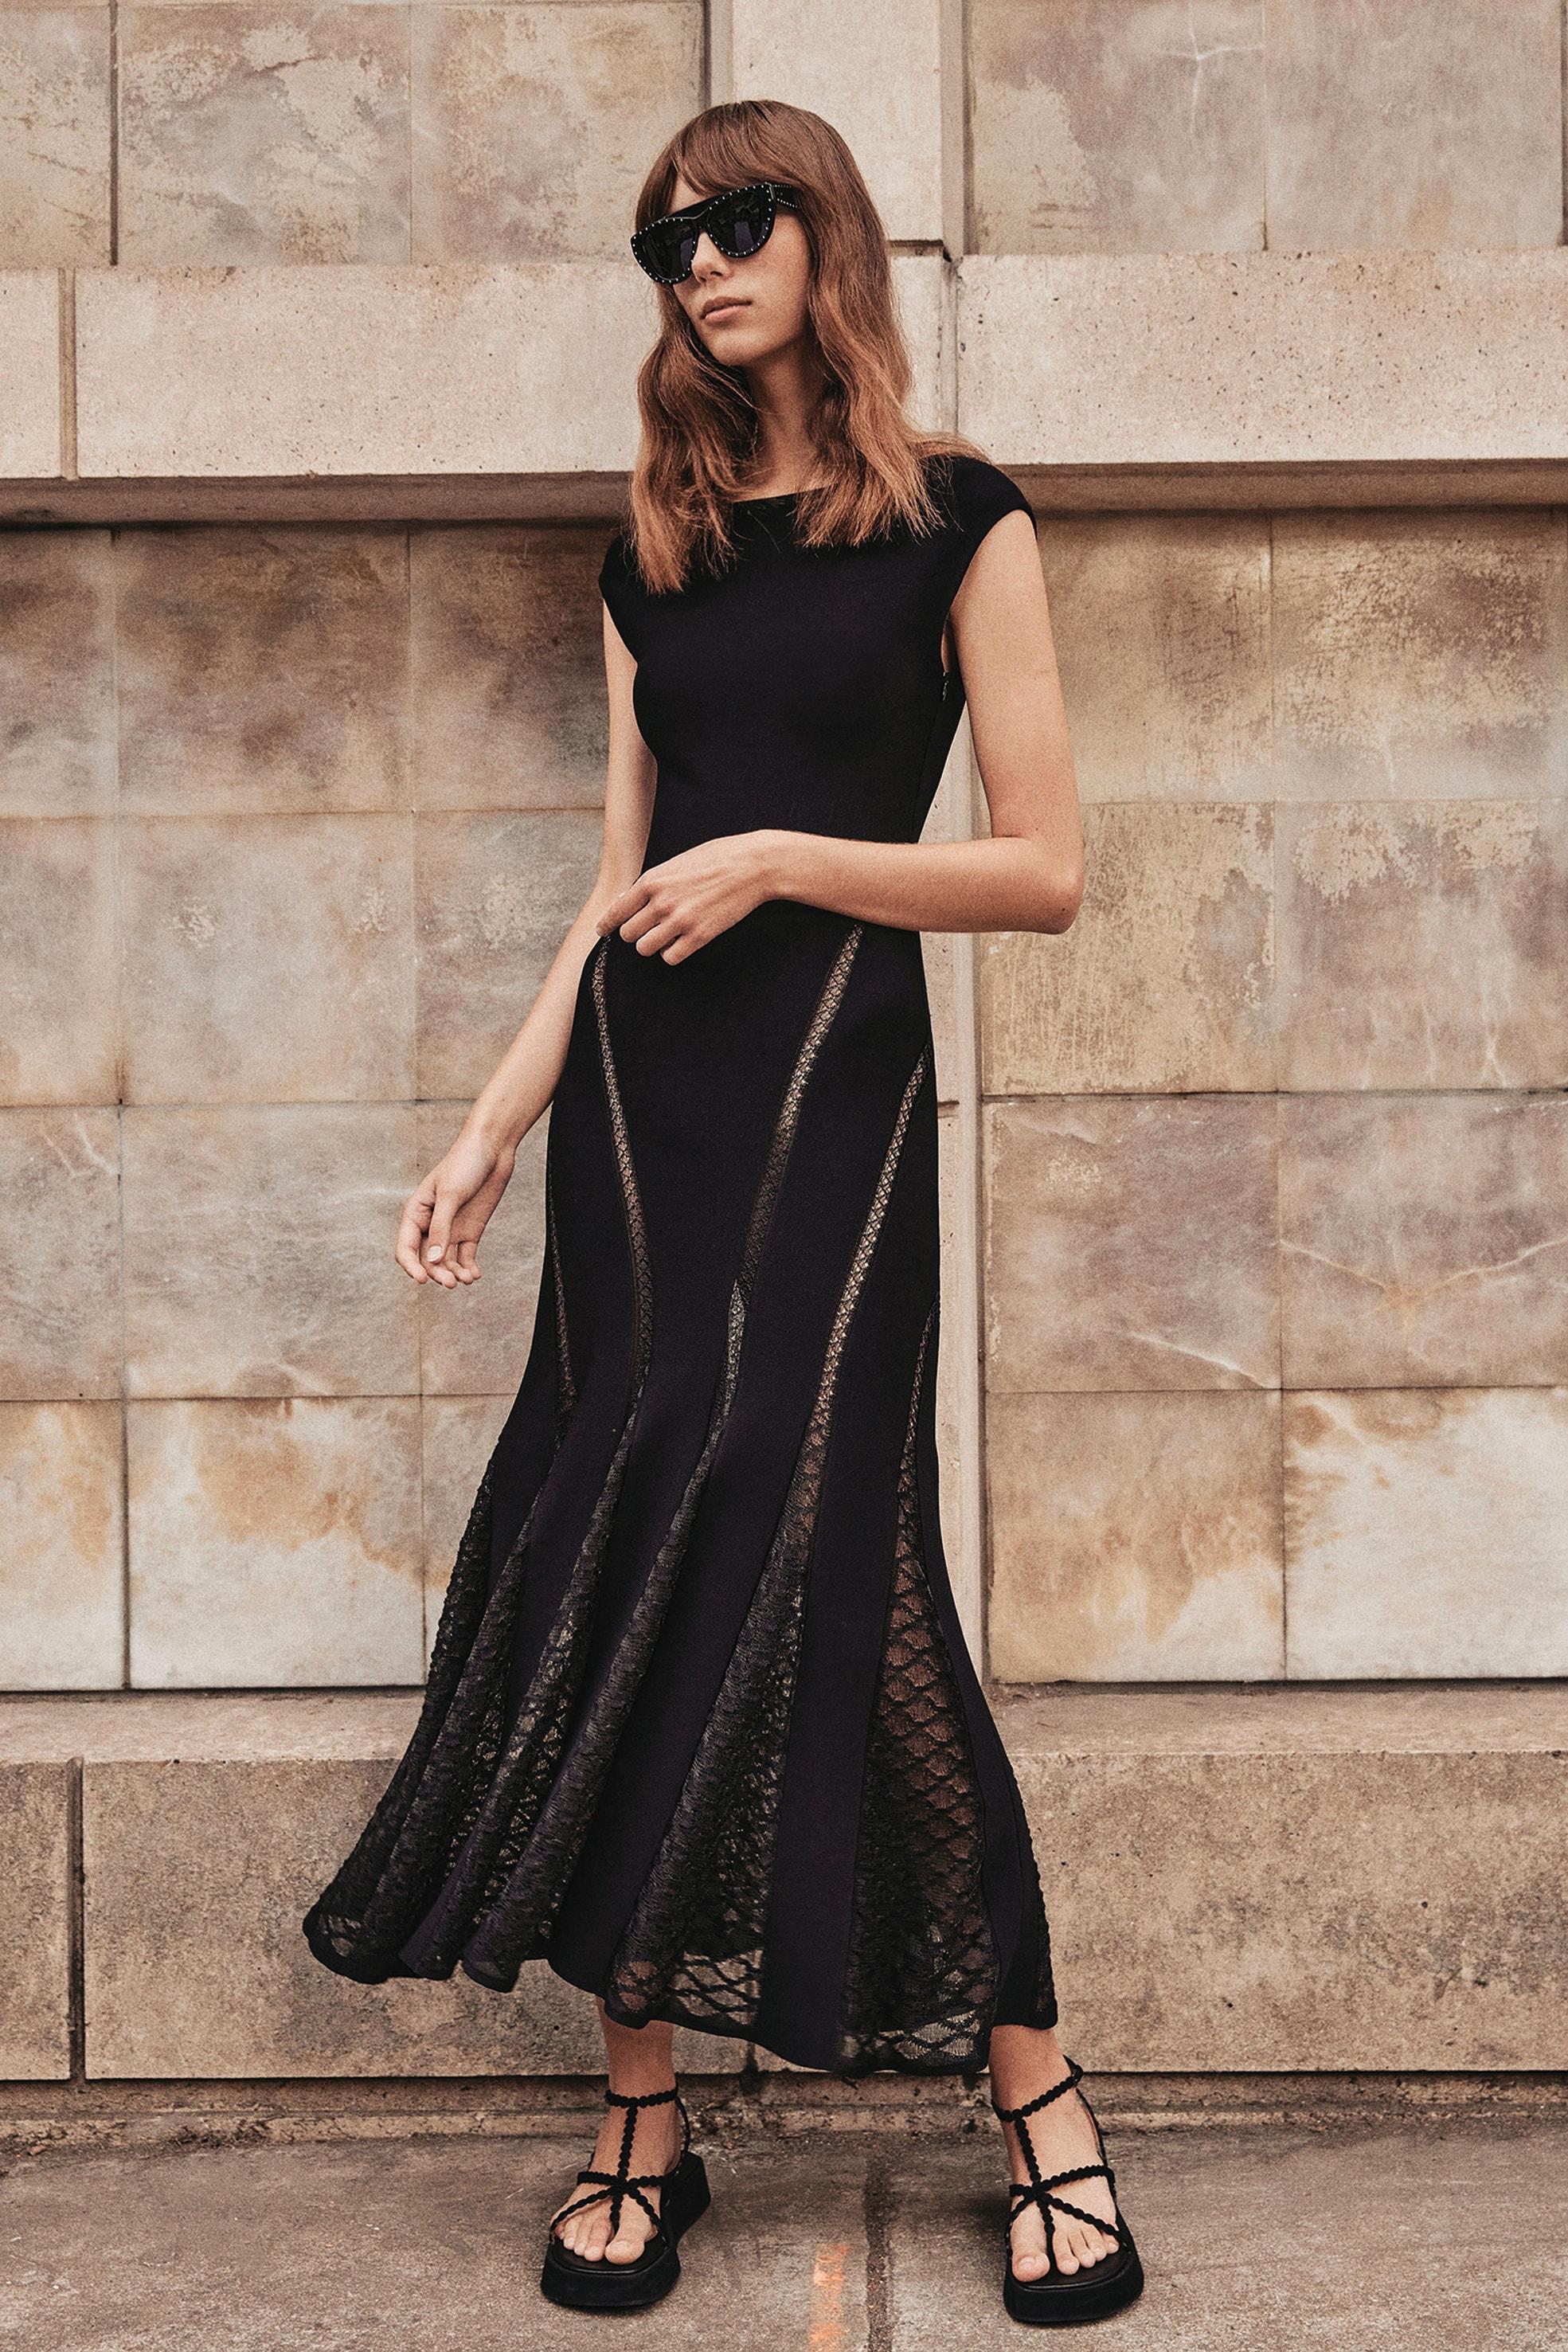 MAISON ALAÏA Vestito senza maniche in popeline di cotone compatto, traforato con motivi grafici.